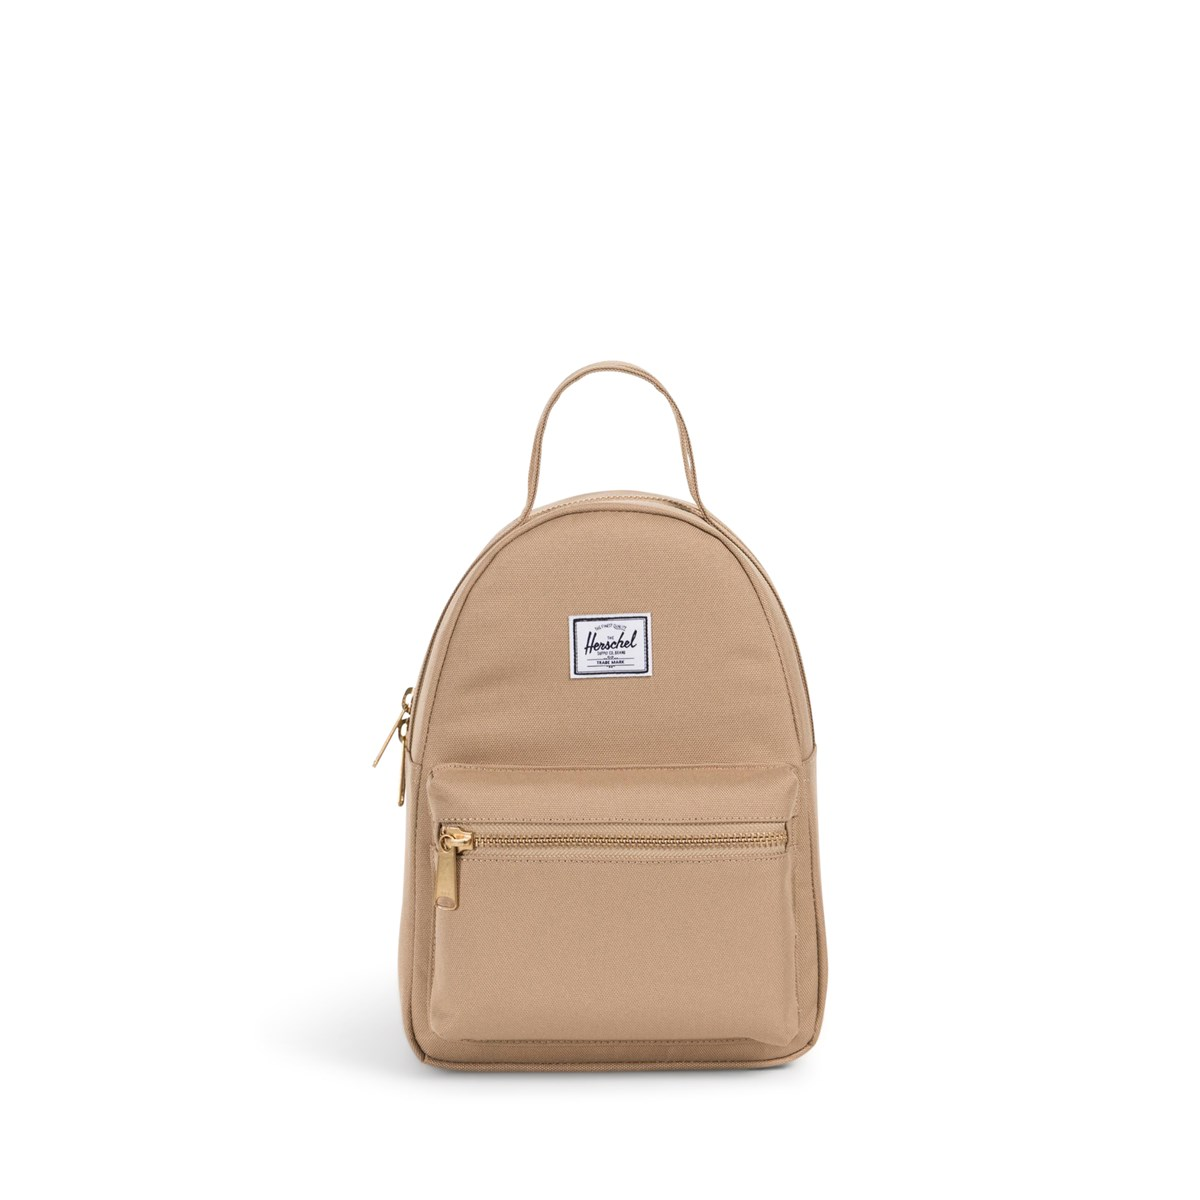 0249aef0d85a Nova Mini Backpack in Beige